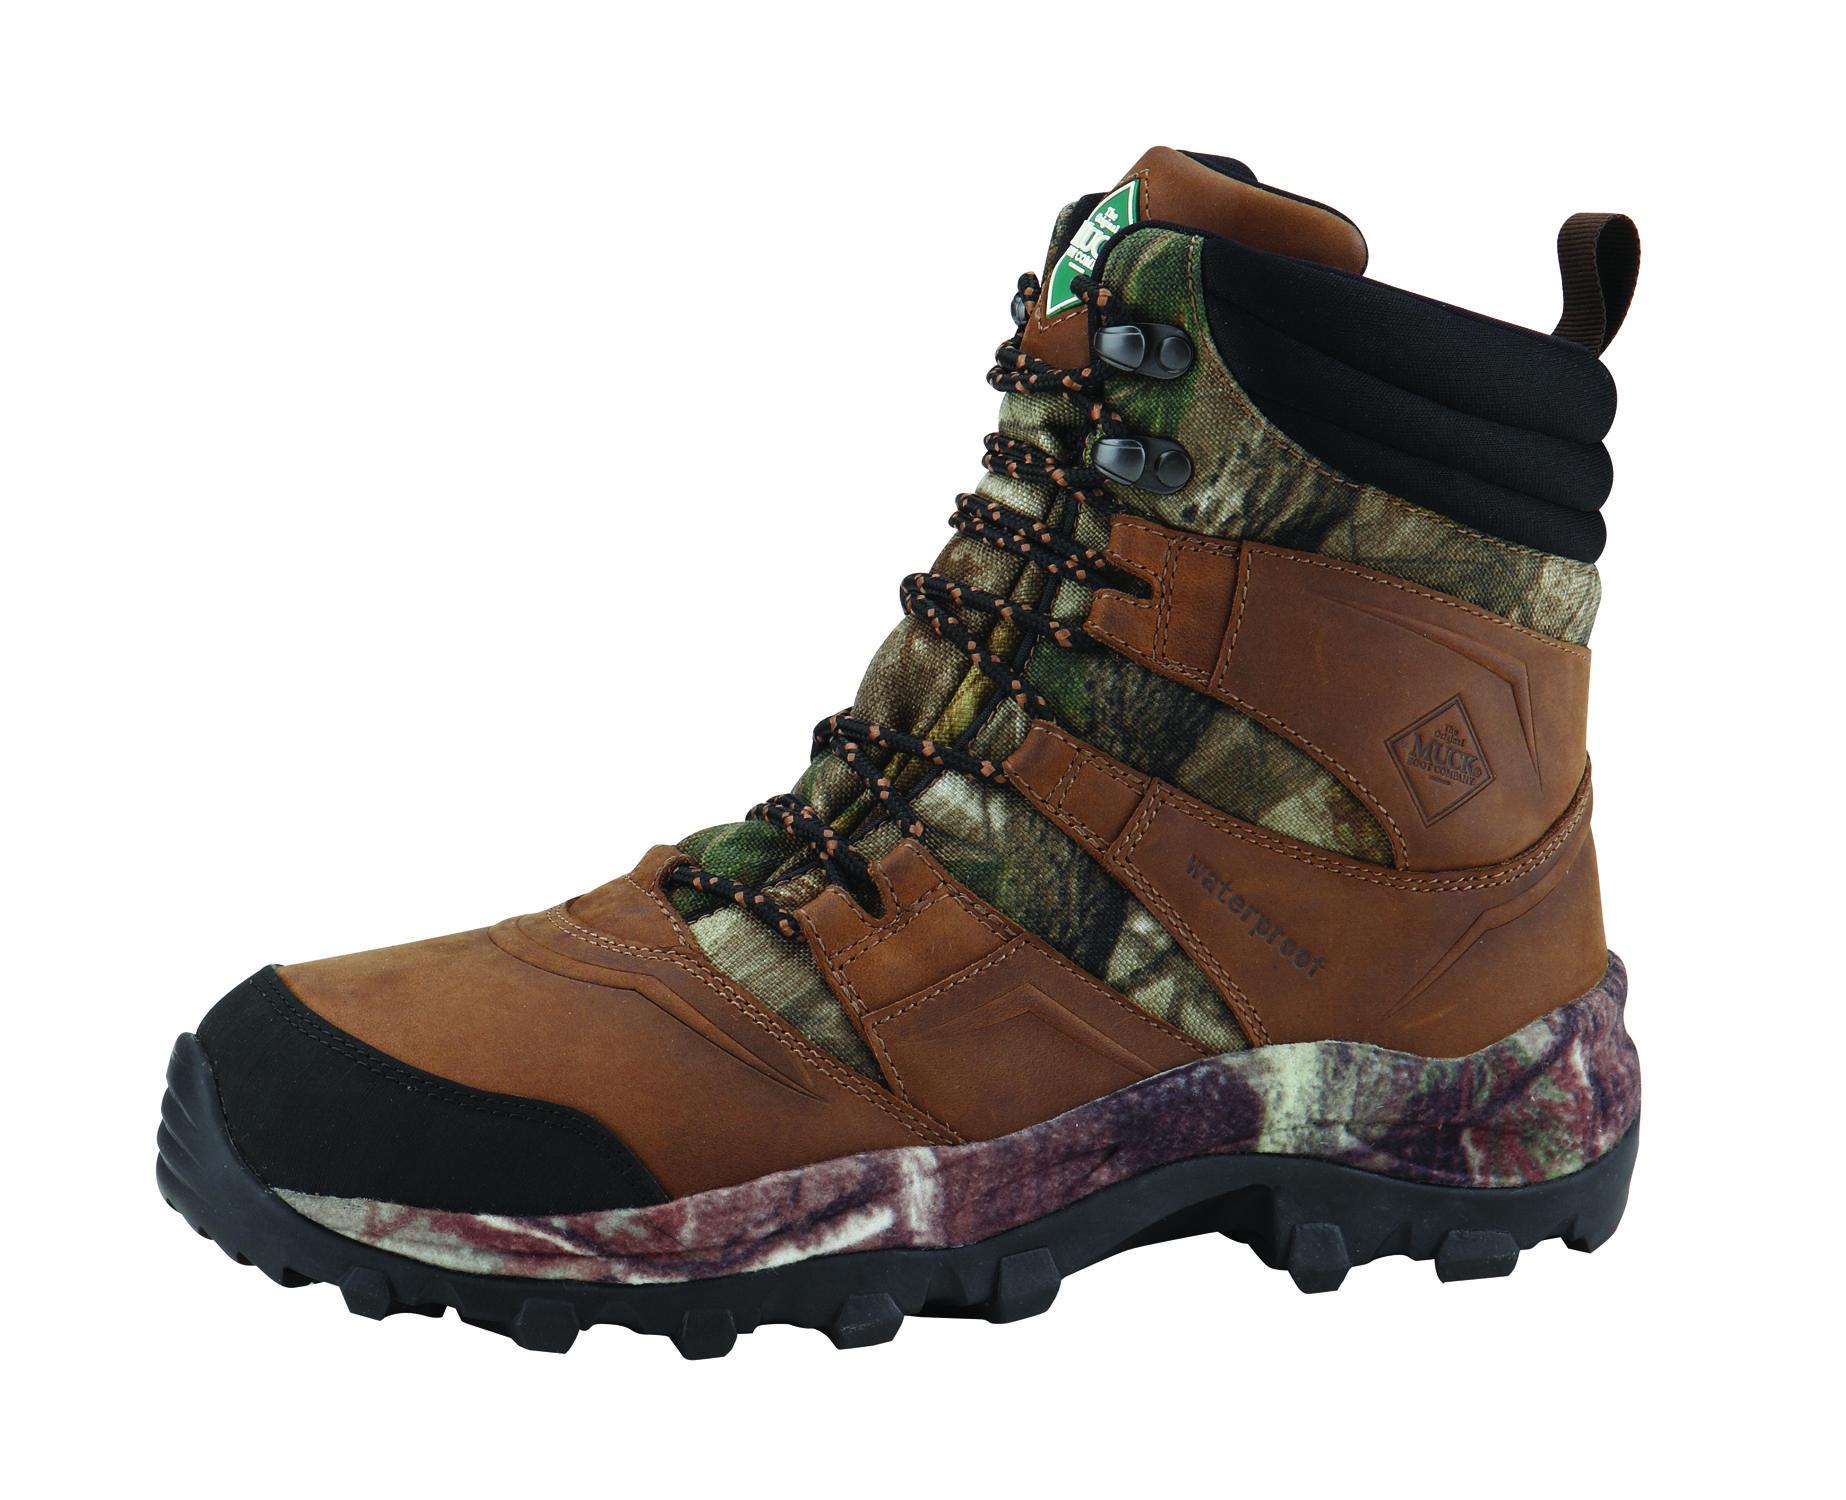 MUCK BOOT SPORTING WOODLANDS EXPLORER Muck boots, Boots